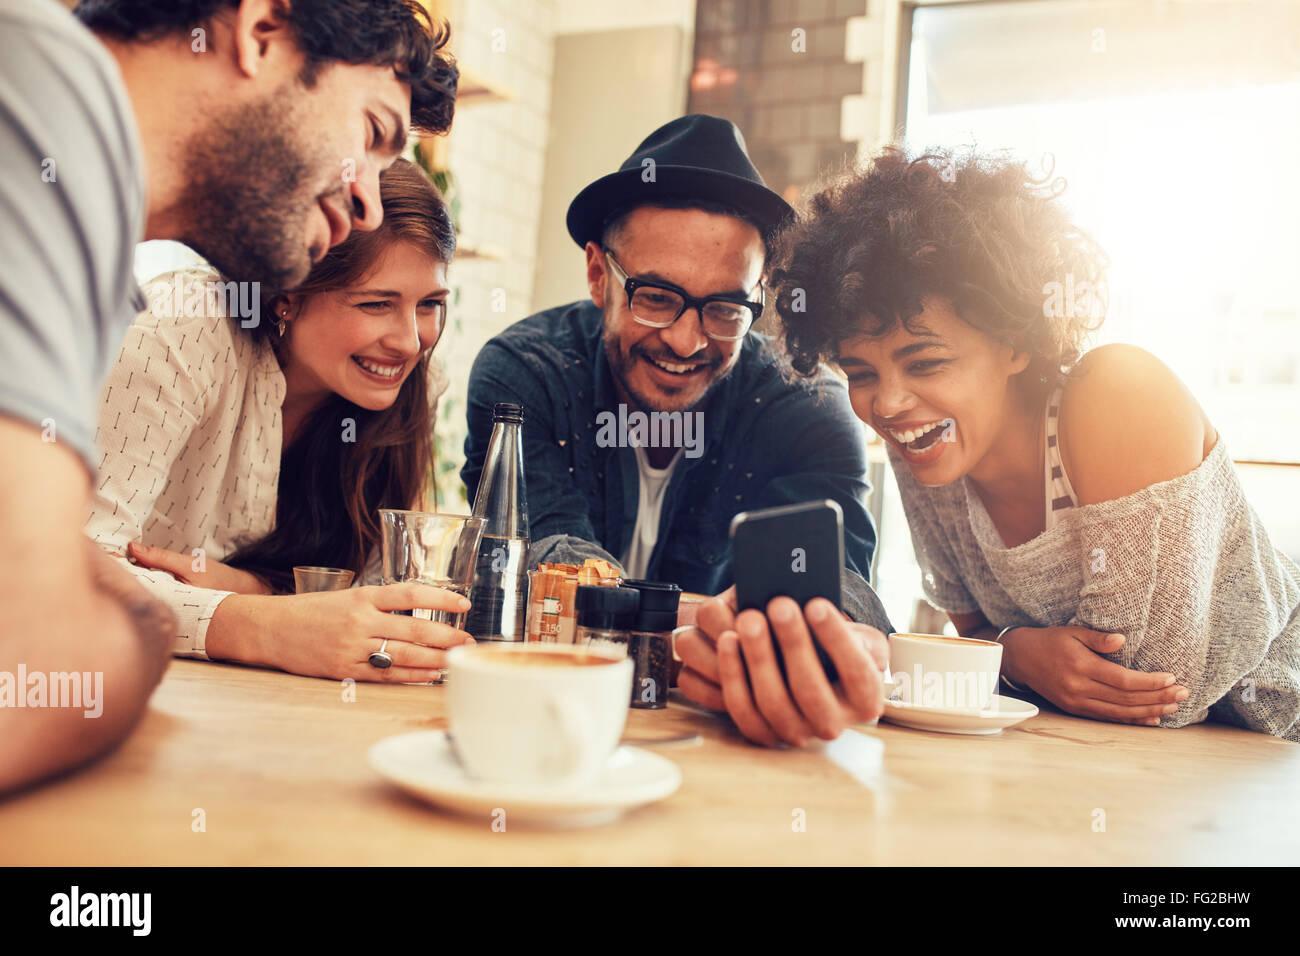 Porträt von fröhlichen jungen Freunden Smartphone betrachten, während Sie im Café sitzen. Gemischte Stockbild